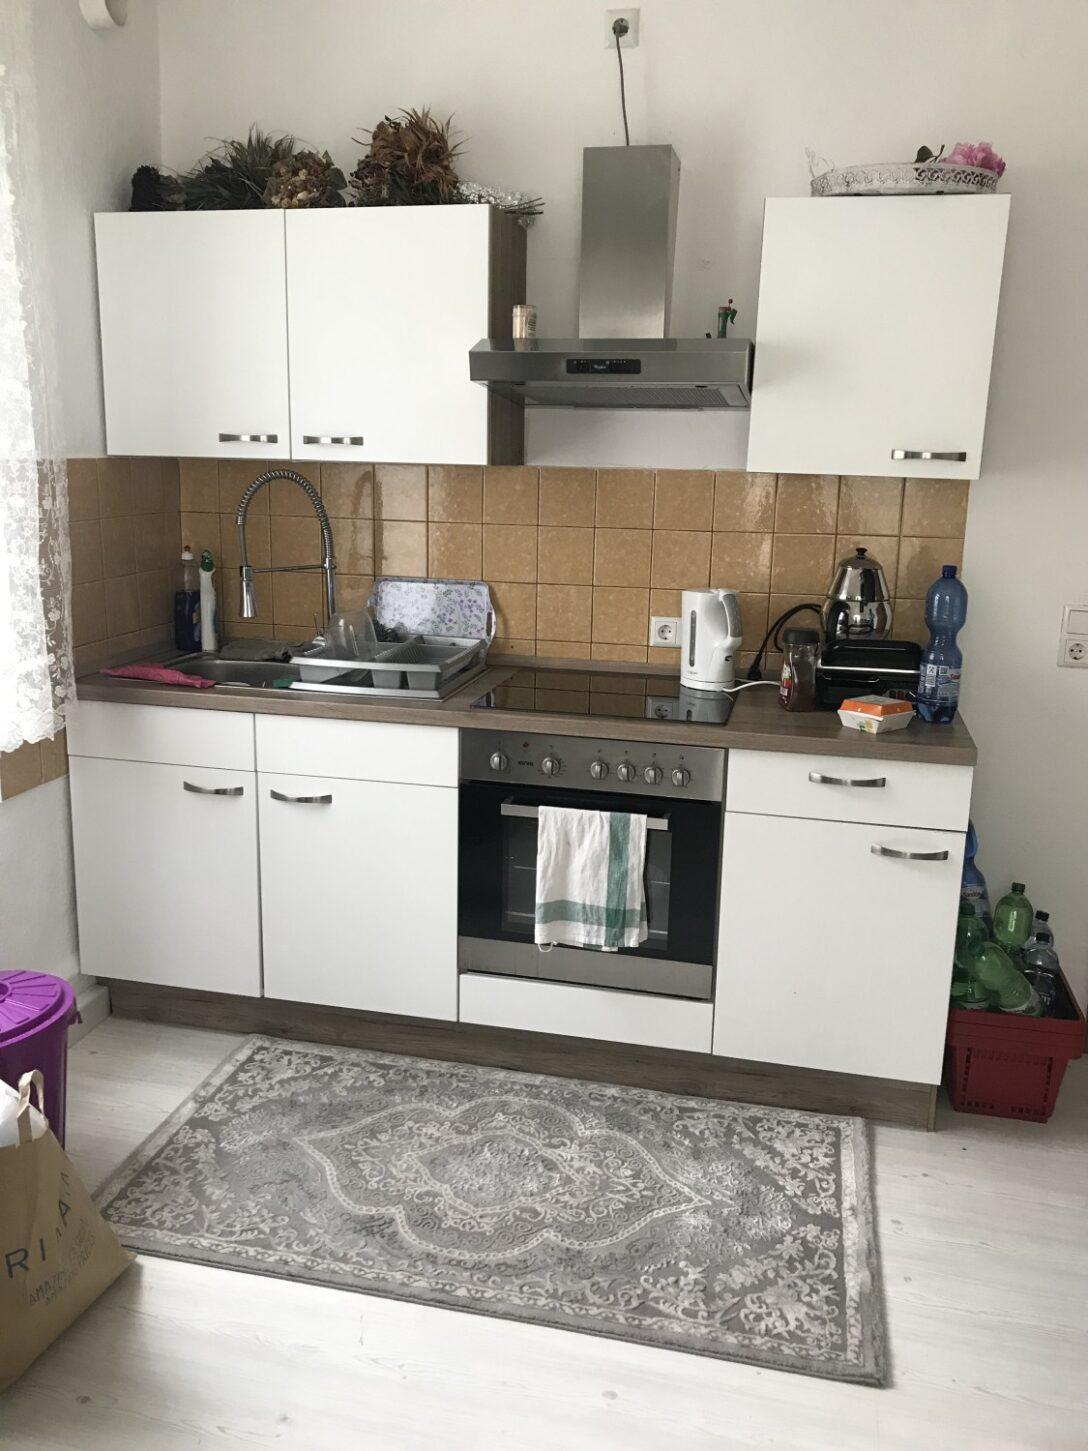 Large Size of Kchen Gebraucht Kaufen Stuttgart Kchenideen Pendelleuchten Küche Fliesen Für Arbeitsplatte Singleküche Mit Kühlschrank Deckenleuchten Auf Raten Wohnzimmer Küche Gebraucht Kaufen